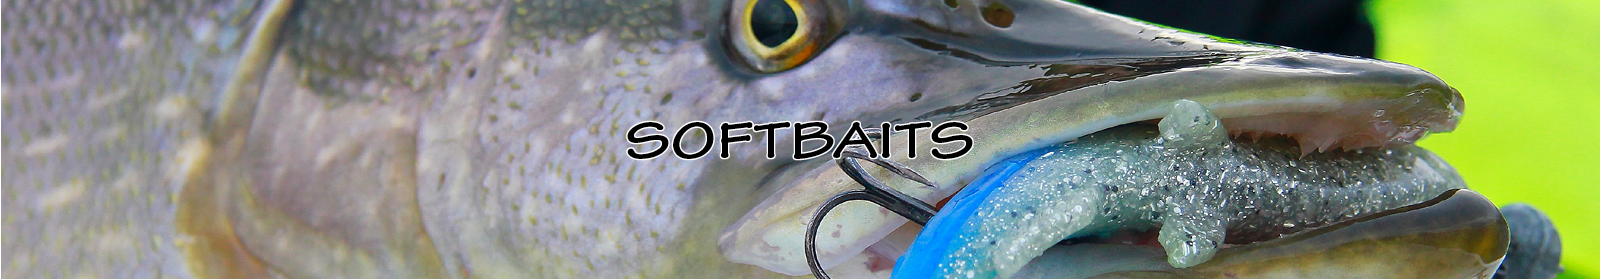 Soft baits hos LYSTFISKEREN.dk